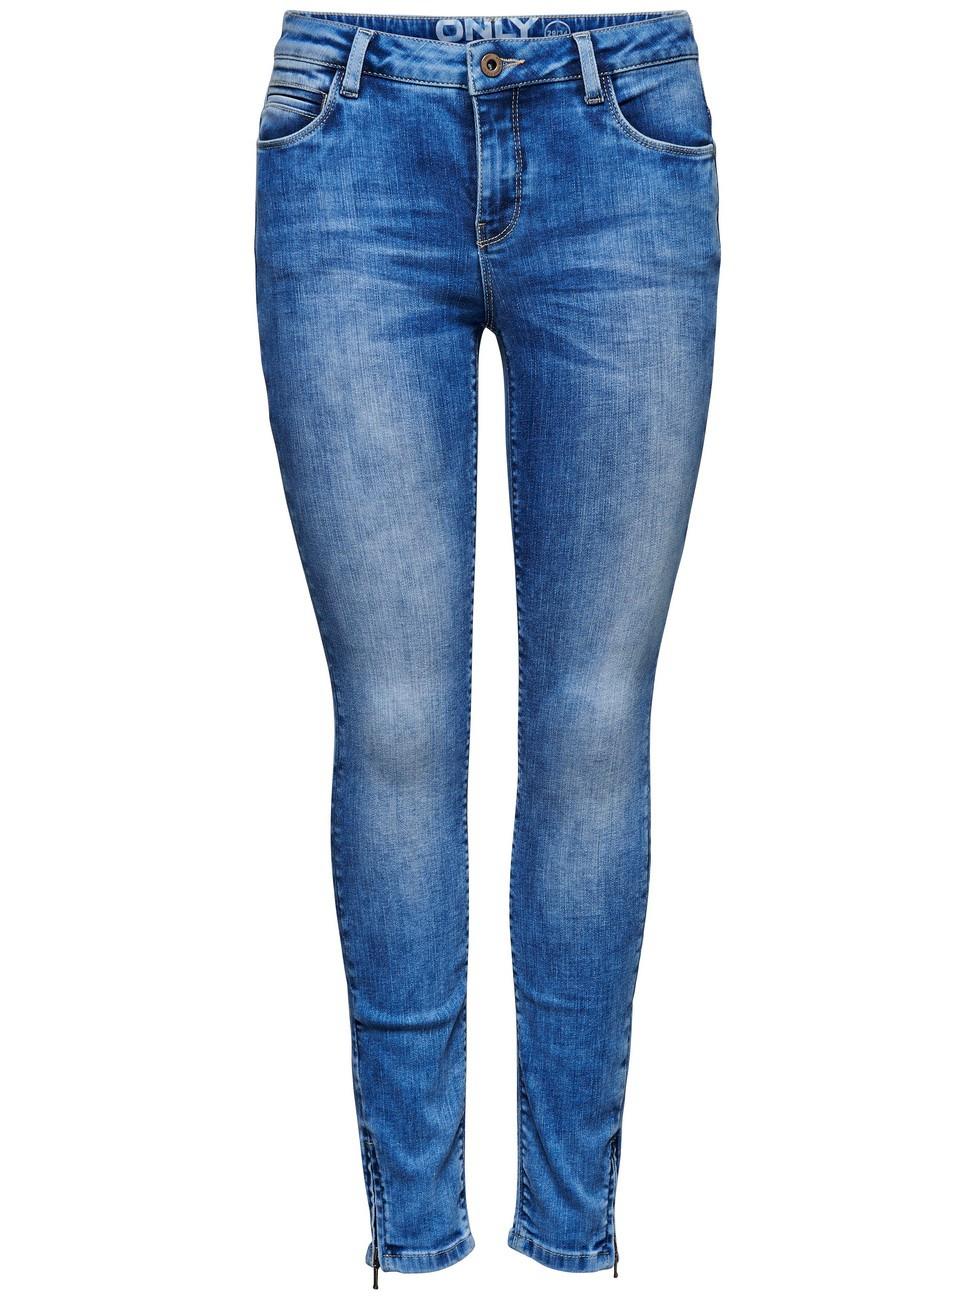 only damen jeans onlkendell skinny fit blau light blue denim kaufen jeans direct de. Black Bedroom Furniture Sets. Home Design Ideas